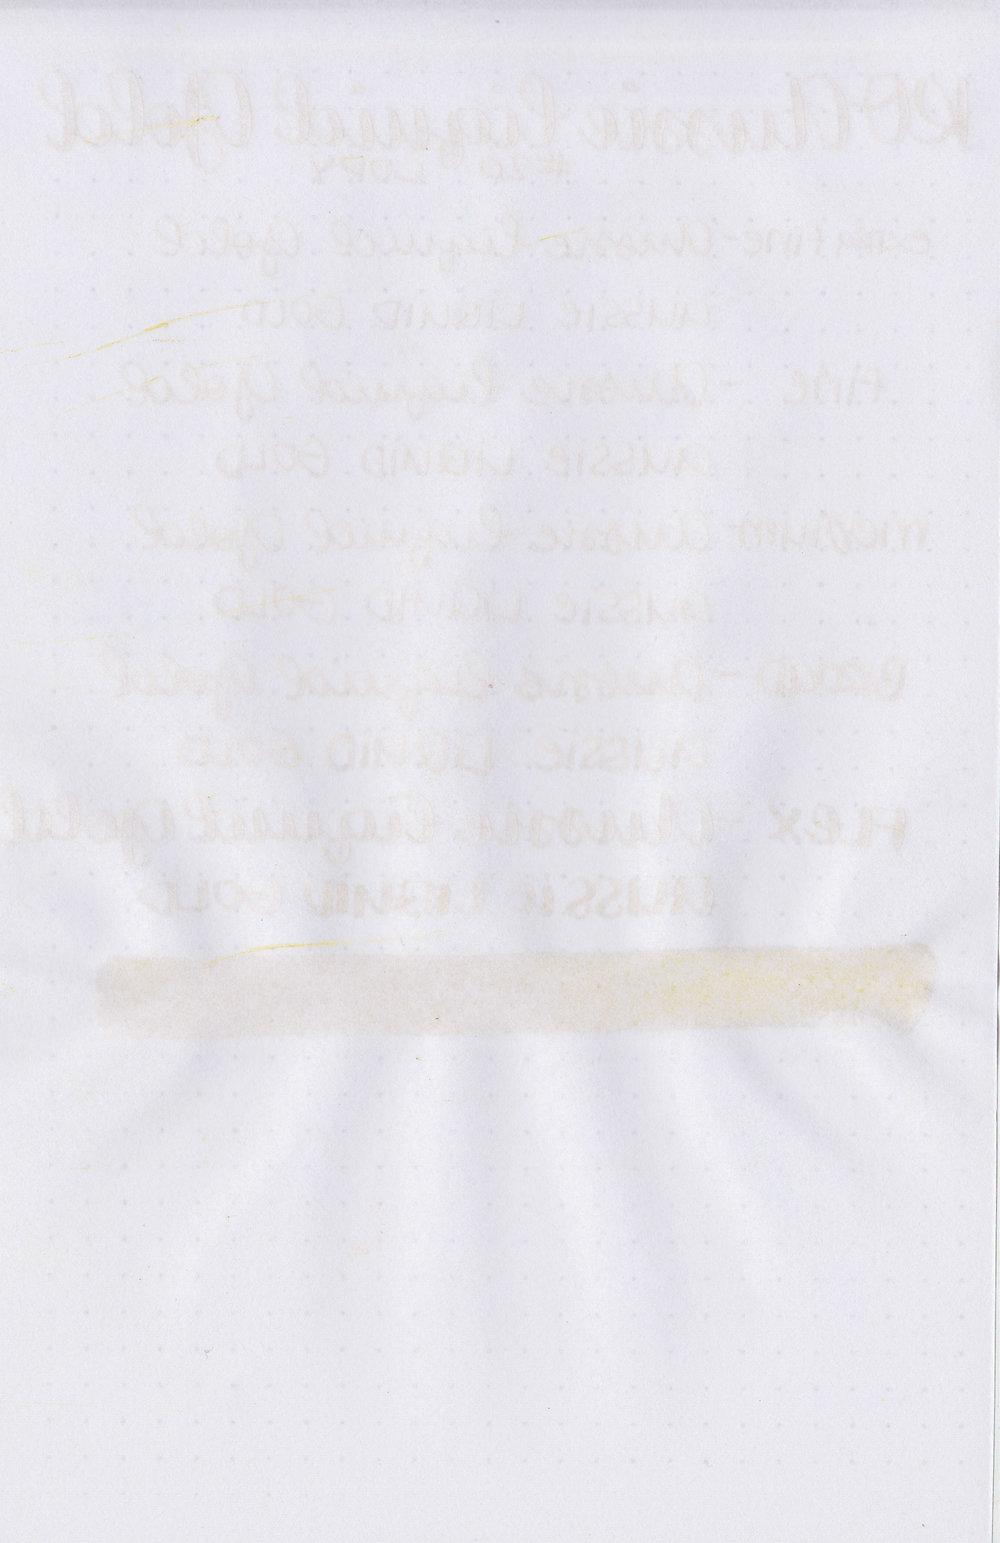 ro-aussie-liquid-gold-13.jpg